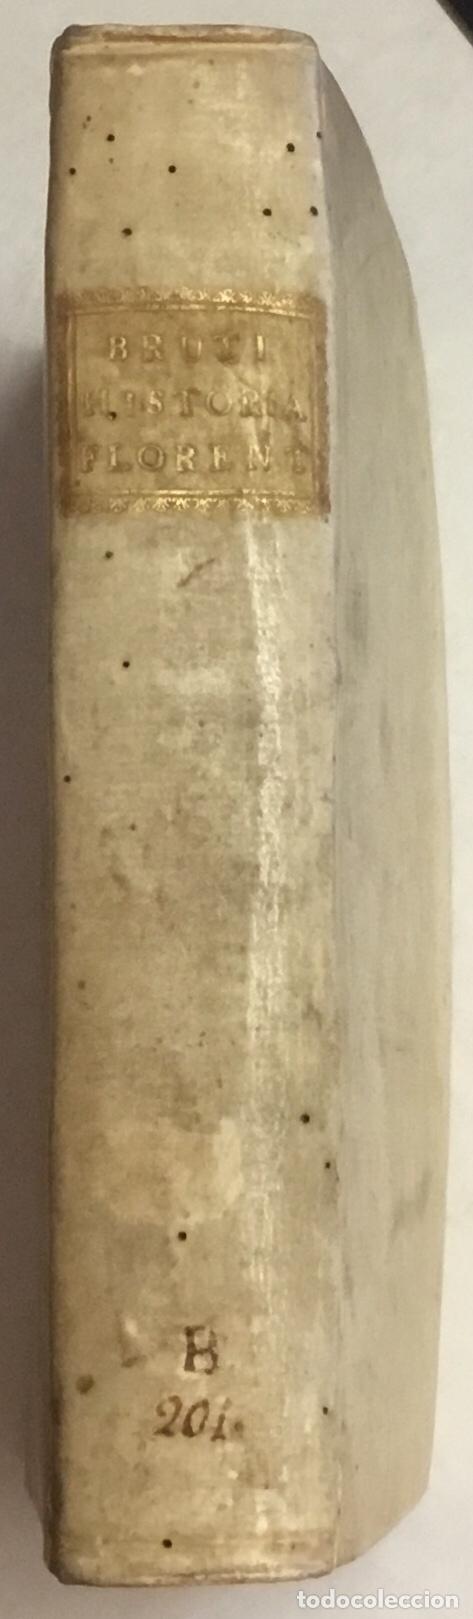 Libros antiguos: HISTORIAE FLORENTINAE LIBRI OCTO. Editio novissima, mendis omnibus expurgata cum Indice locupletissi - Foto 3 - 114798055